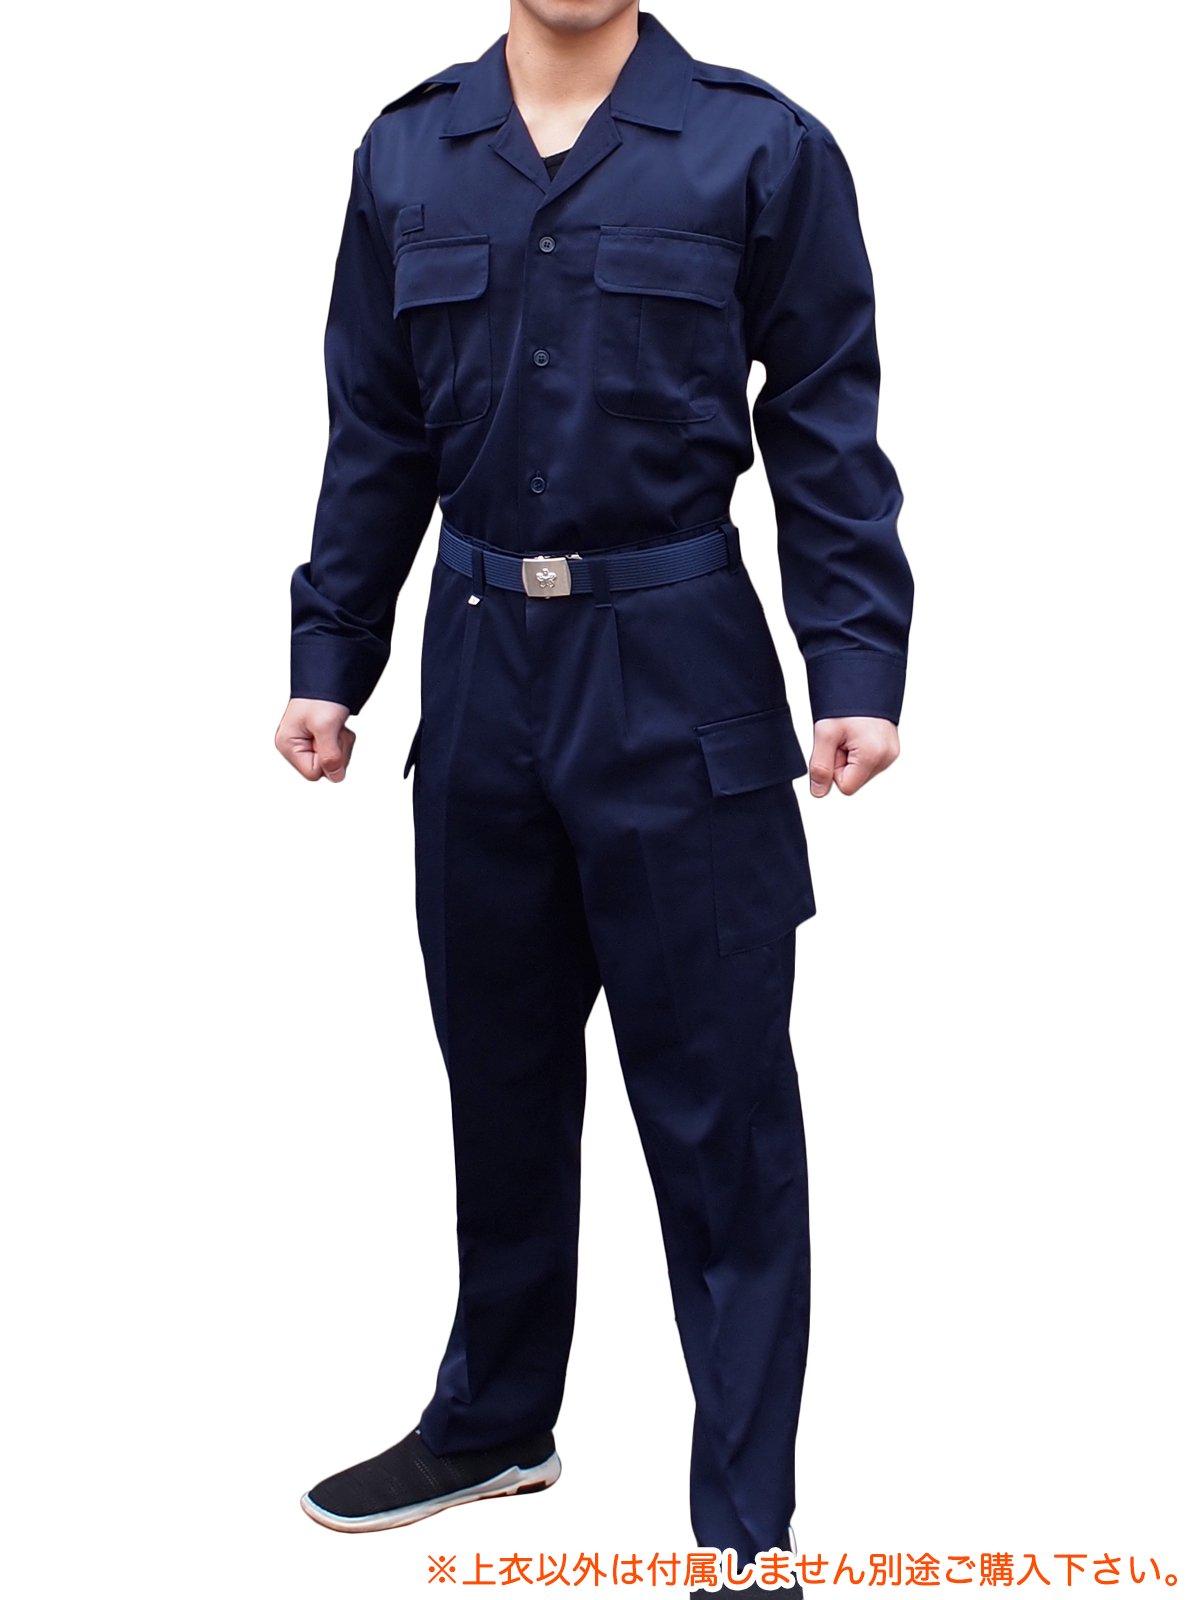 消防作業服開襟上衣【画像3】